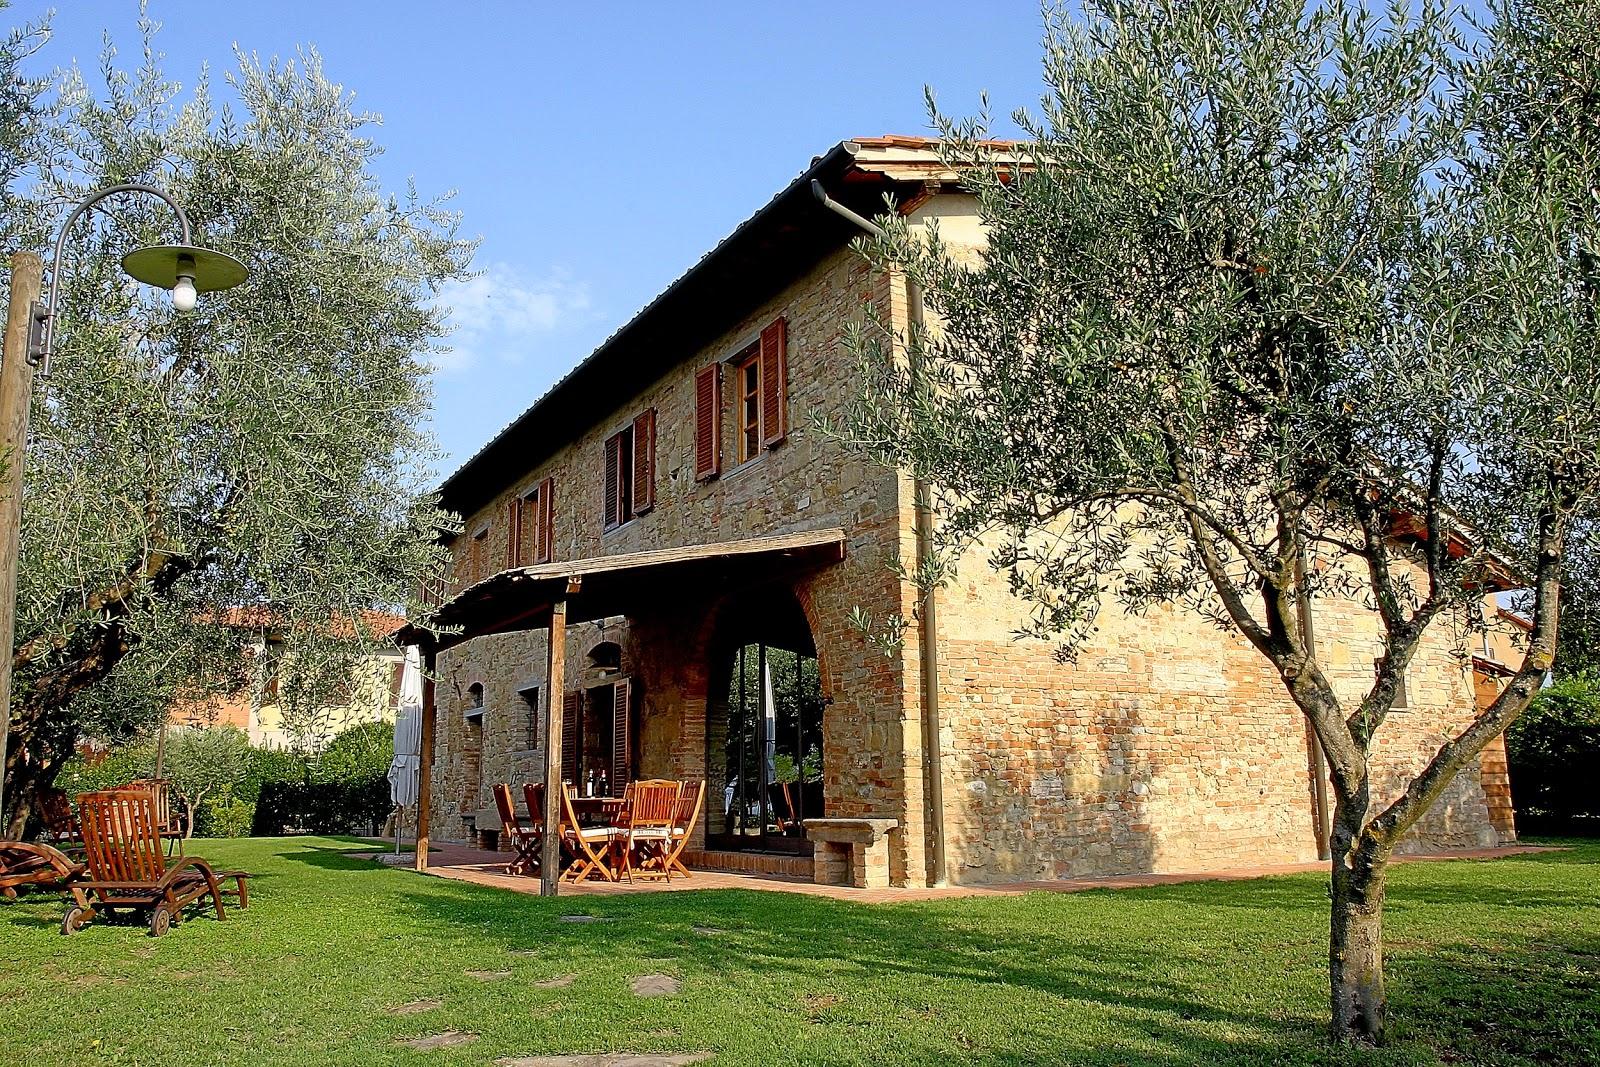 Villa boccaccio in barberino val d 39 elsa toscana vacavilla - Casali antichi ristrutturati ...